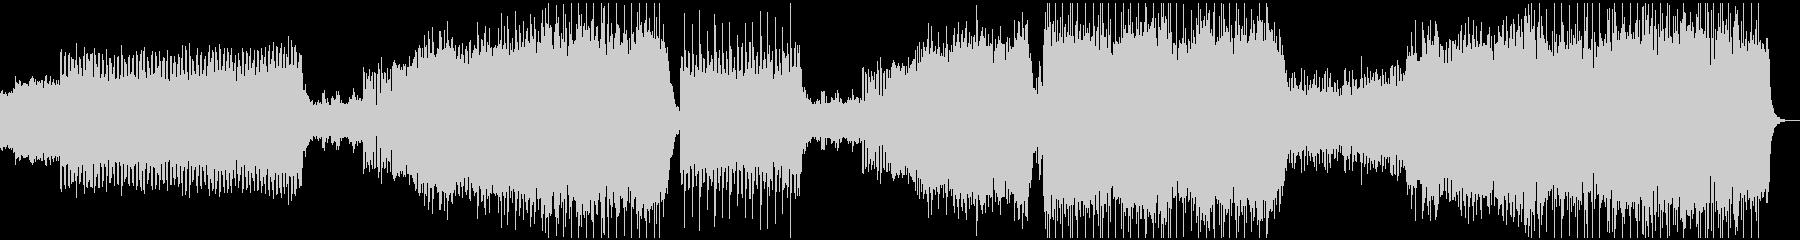 ストリングスとシンセの融合四つ打ちEDMの未再生の波形